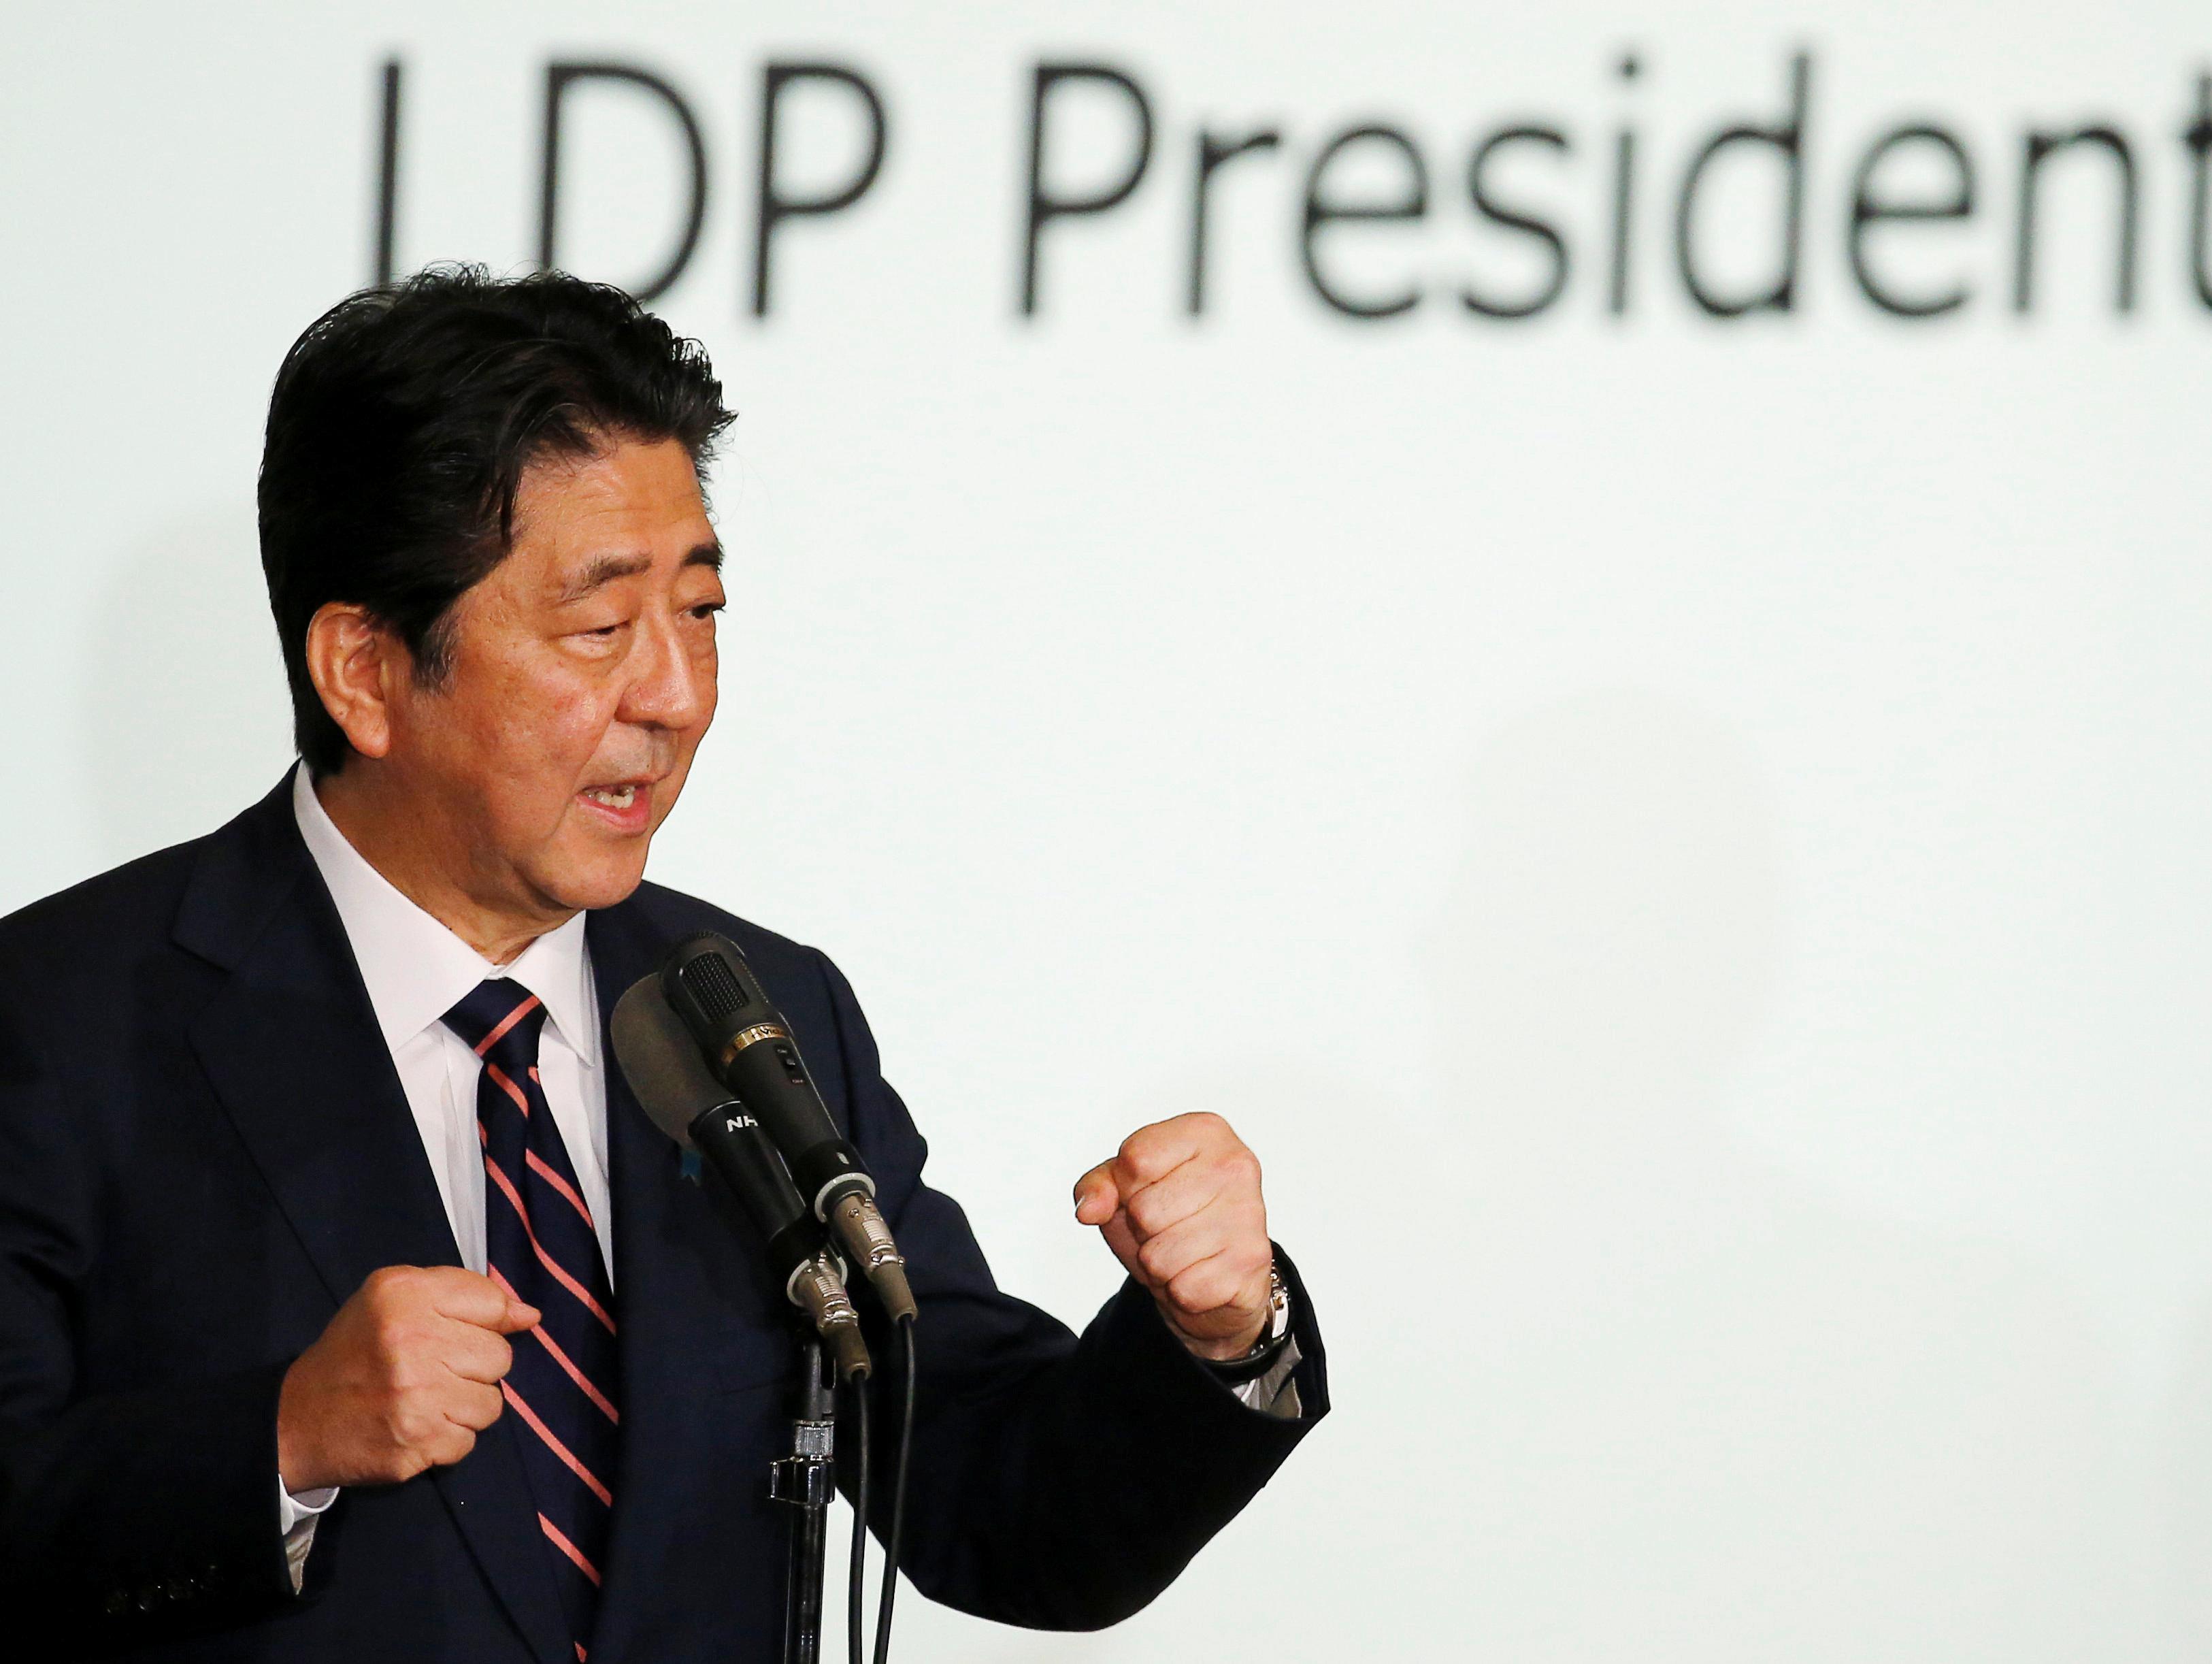 יפן: אבה זכה בפריימריז בדרך להיות ראש הממשלה הוותיק בתולדות המדינה